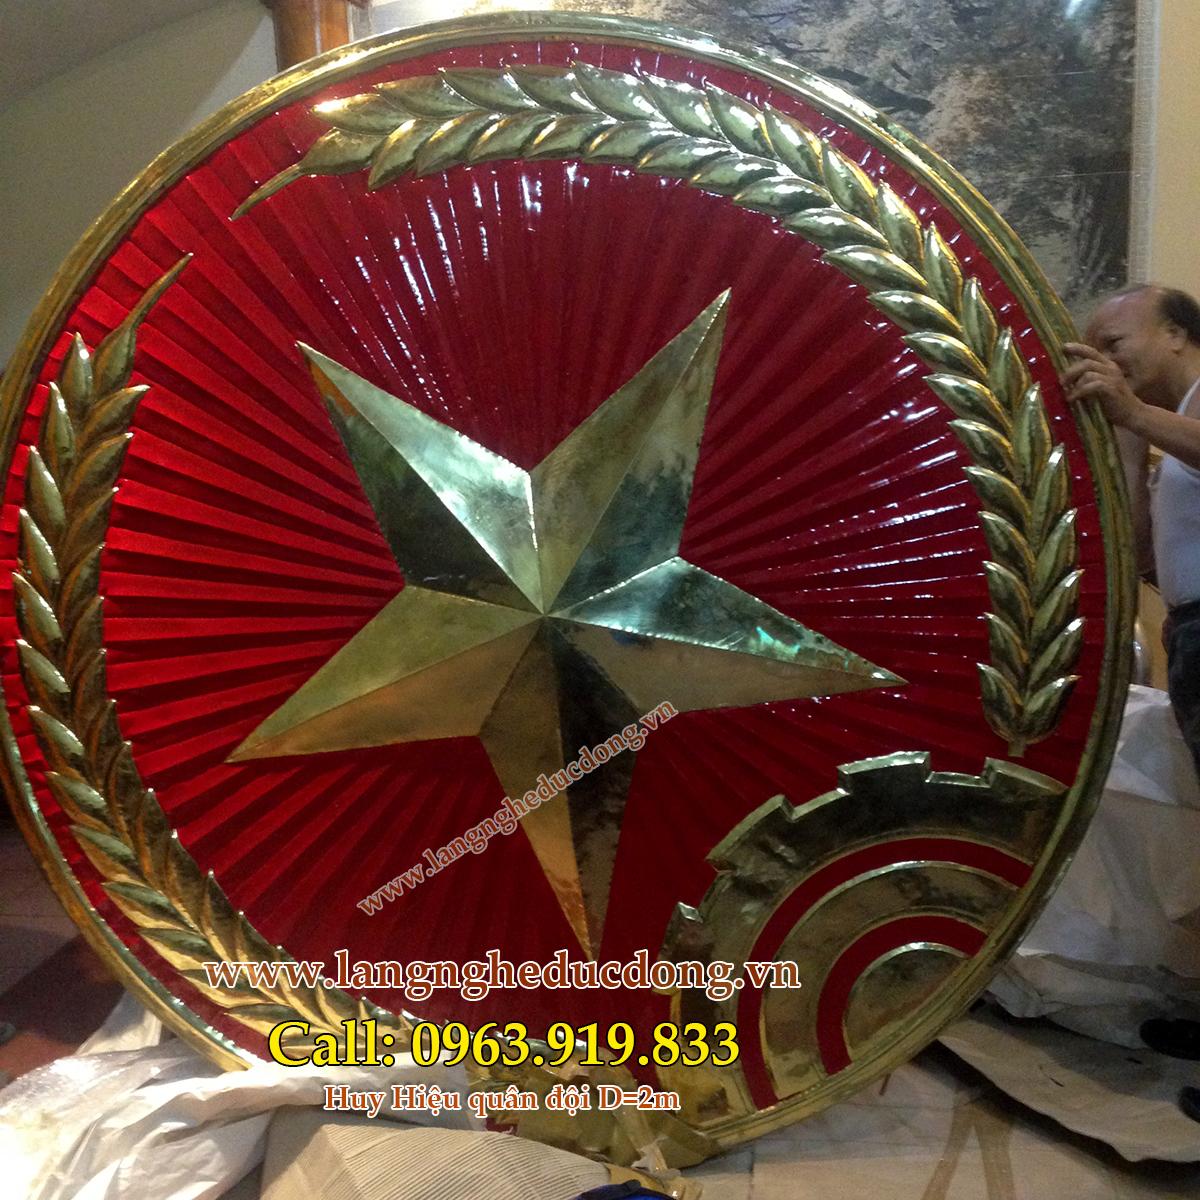 langngheducdong.vn - huy hiệu quân đội, huy hiệu D=2m